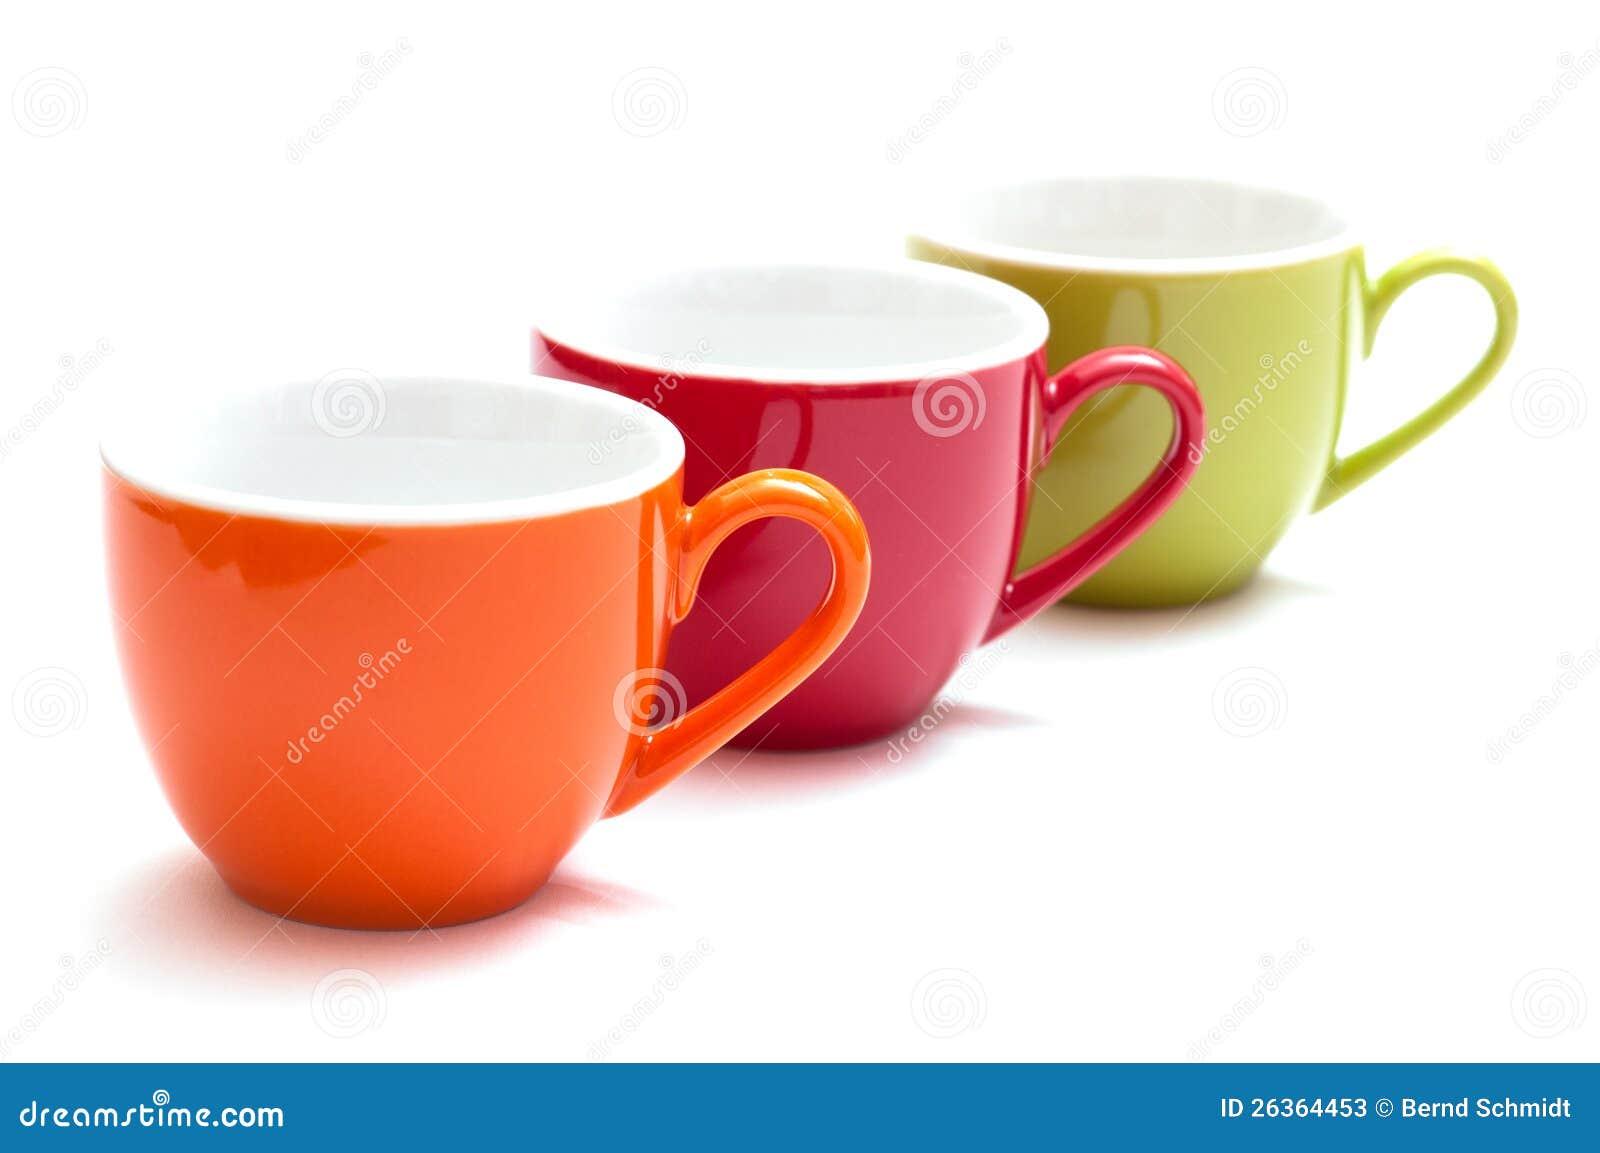 Espressocup in einer Reihe